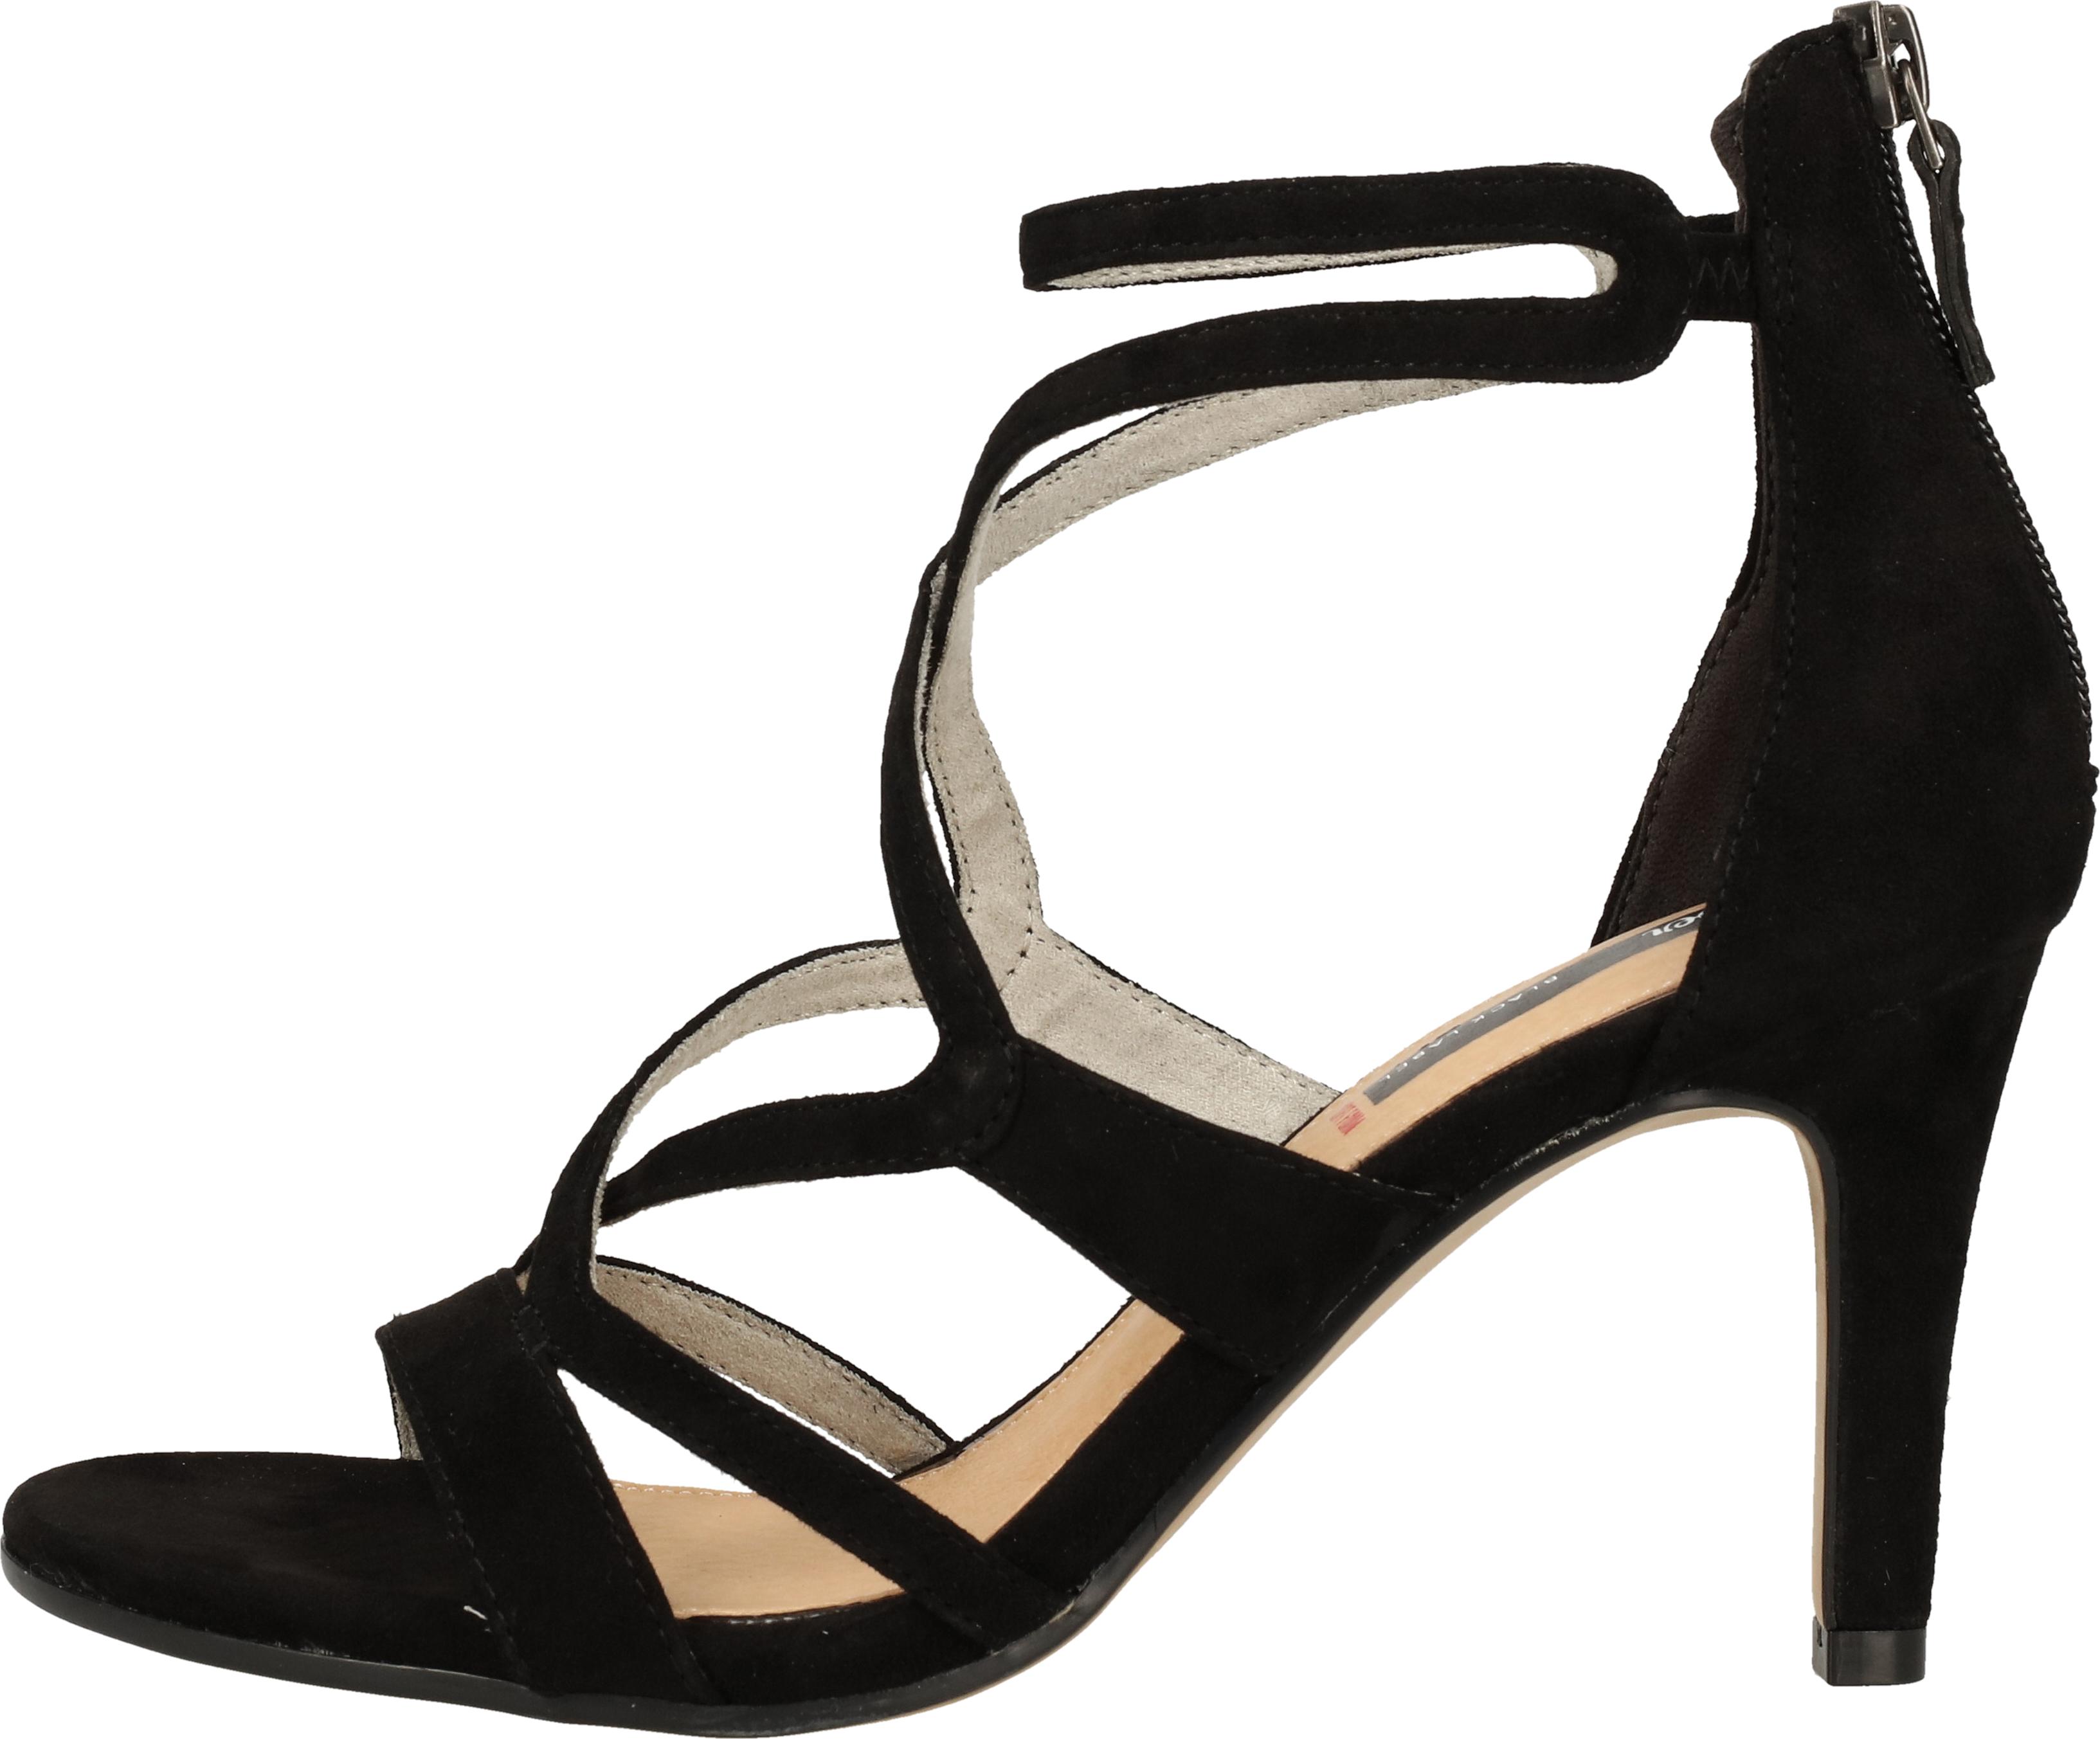 s.Oliver BLACK LABEL Sandals Suede